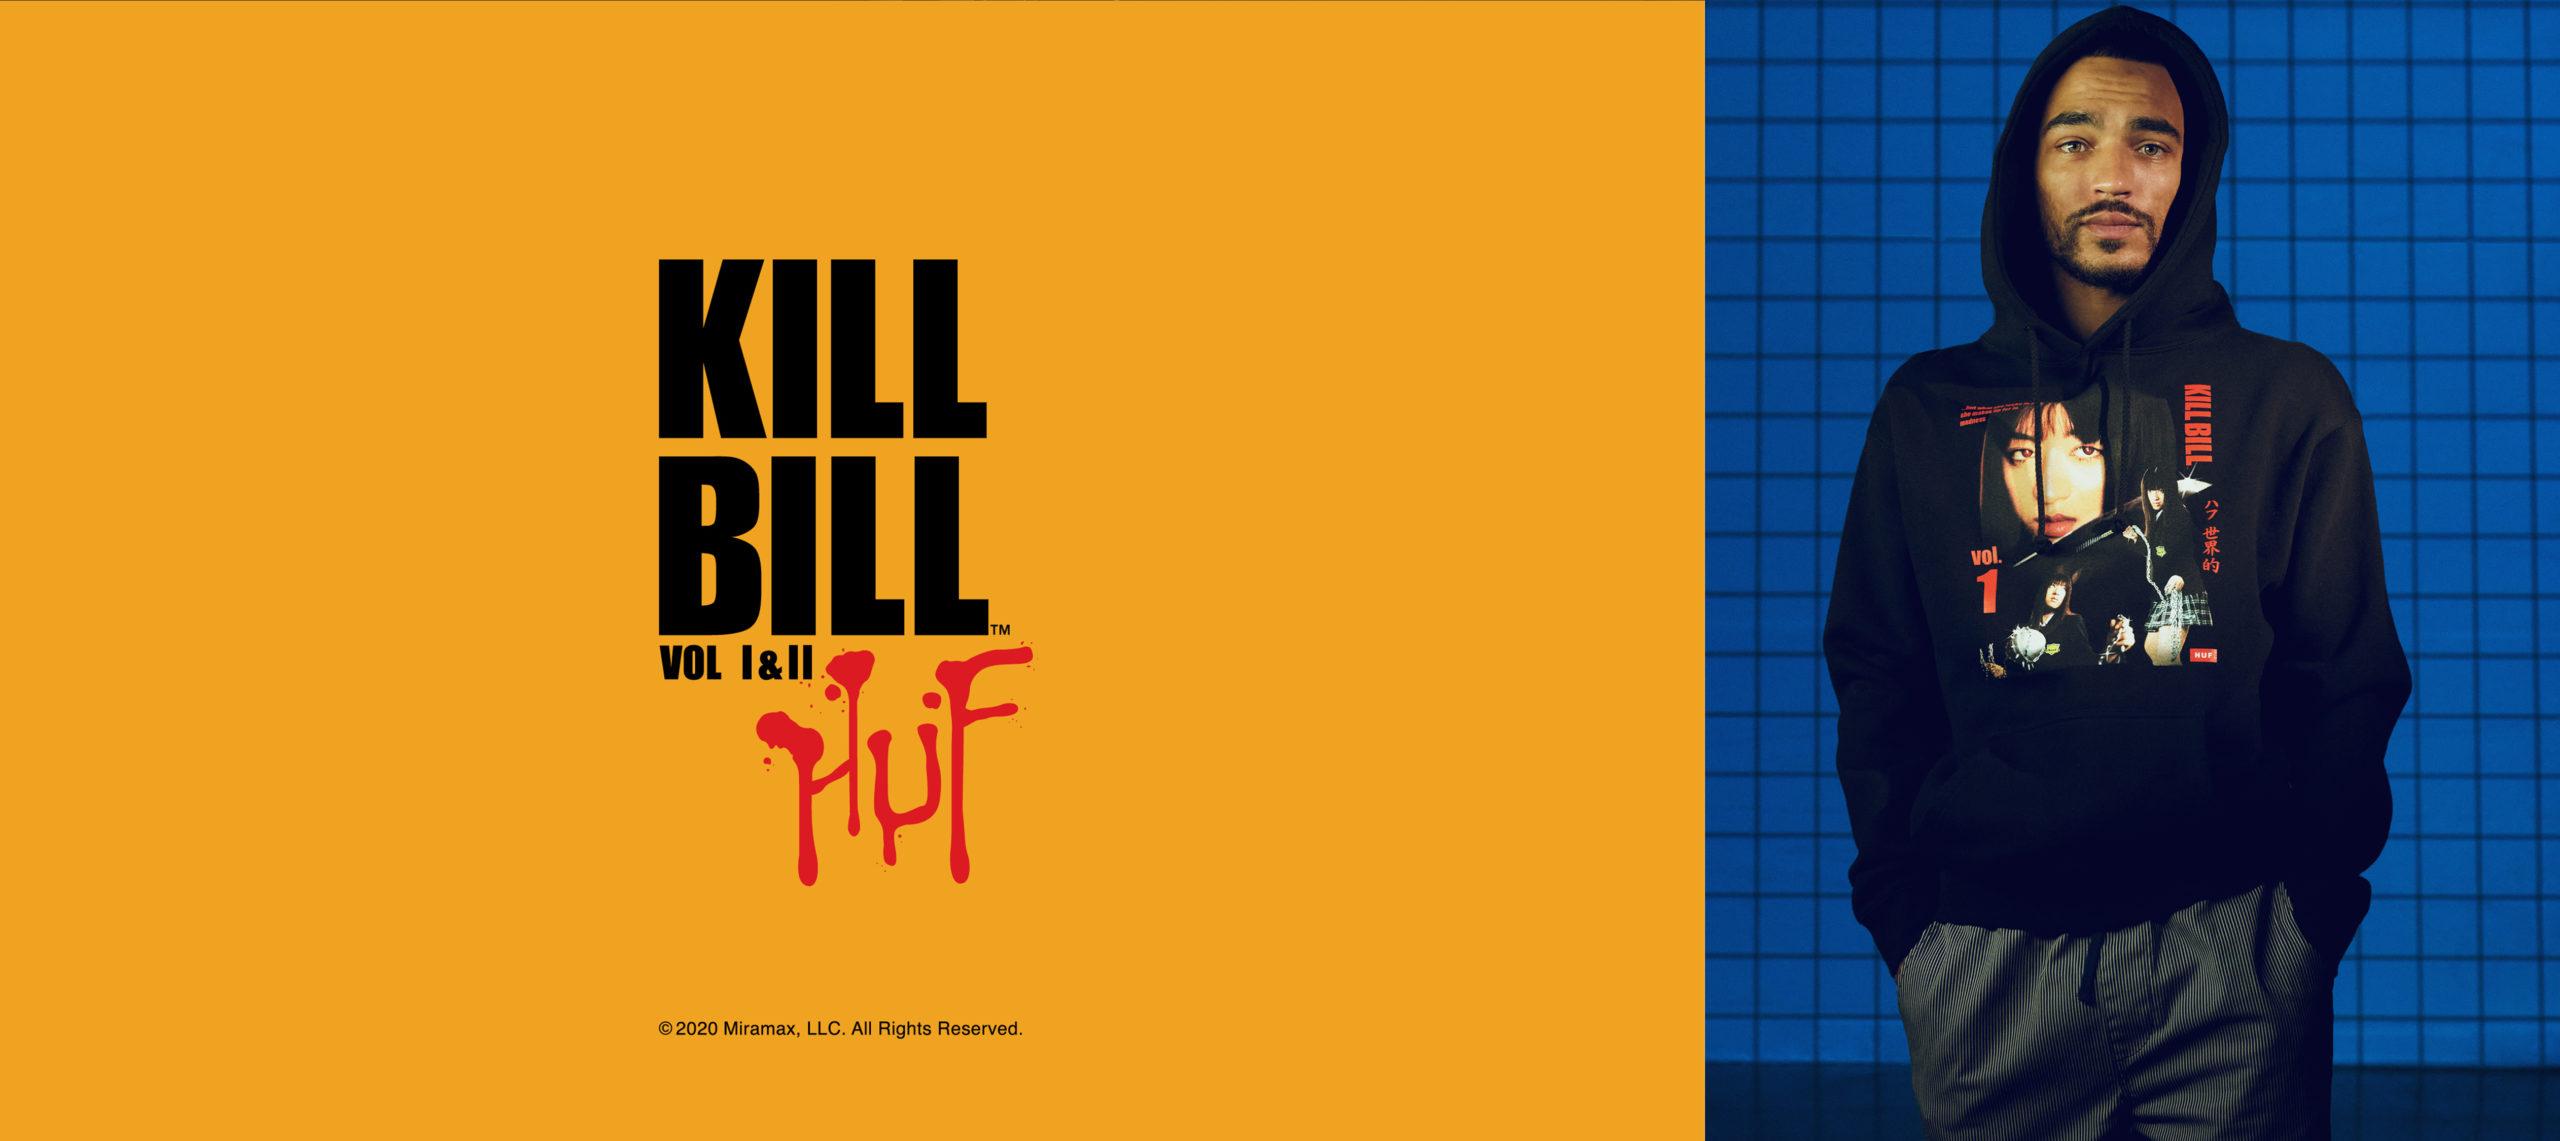 PAIN_01_HUF_KILL BILL